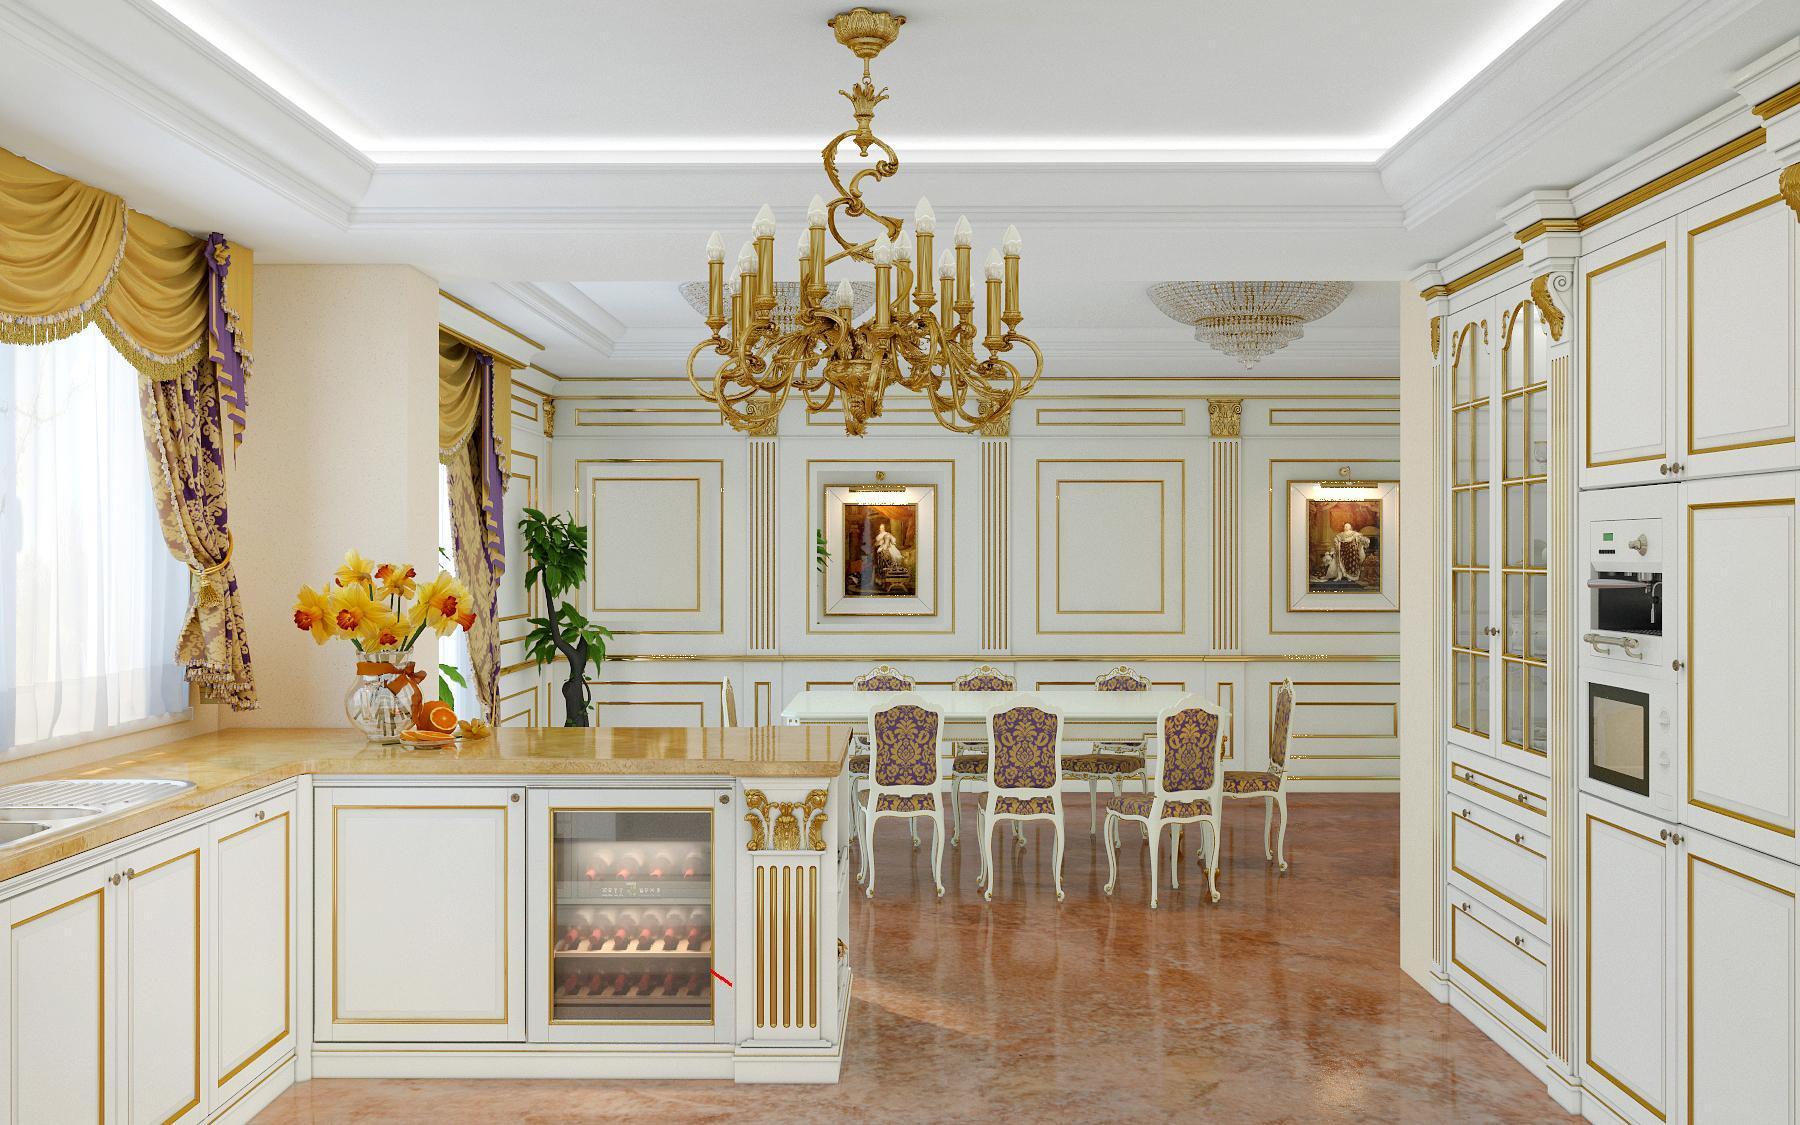 Cucina di lusso made in italy modello legacy vimercati meda - Cucine di lusso prezzi ...